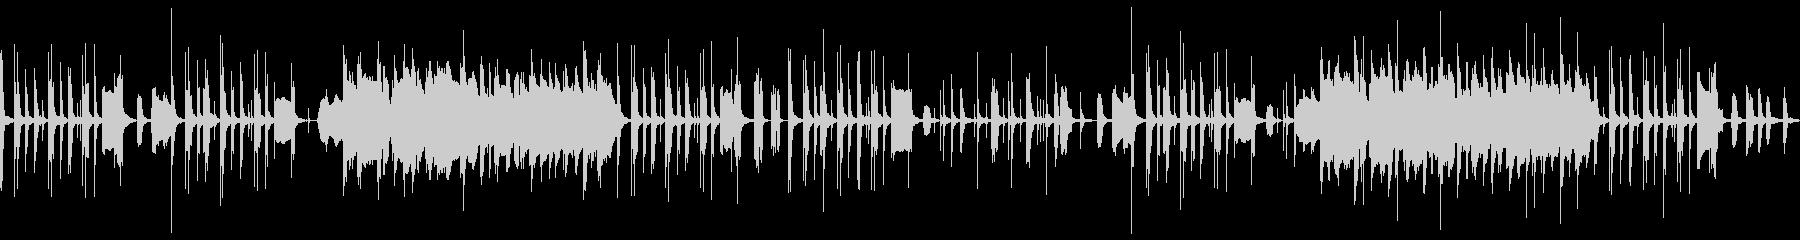 ほのぼのコミカルギャグな鍵盤ハーモニカの未再生の波形